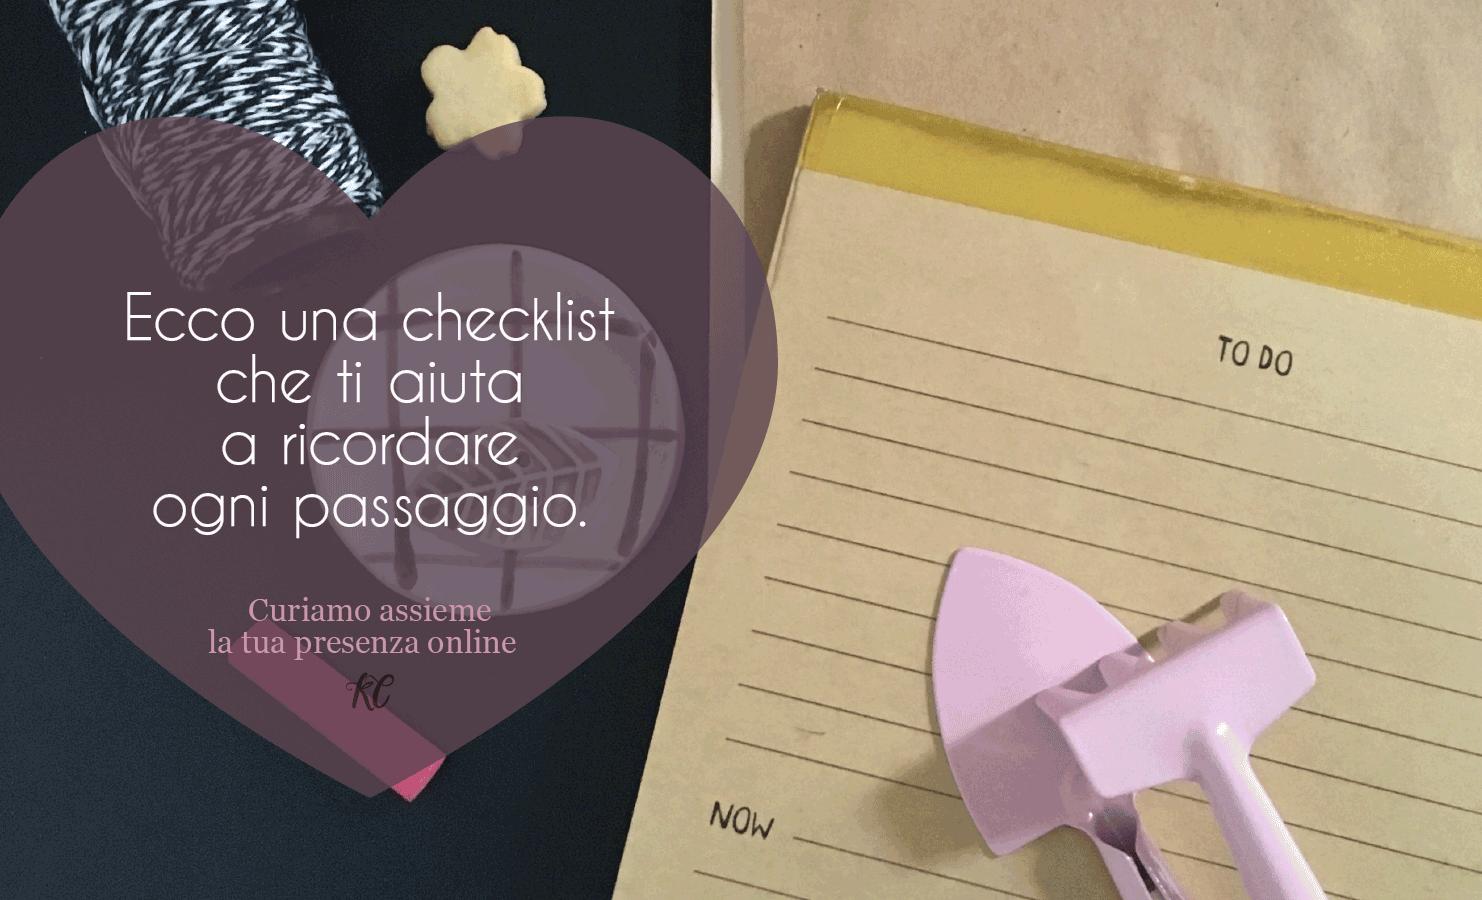 Una checklist per ogni passaggio da fare.